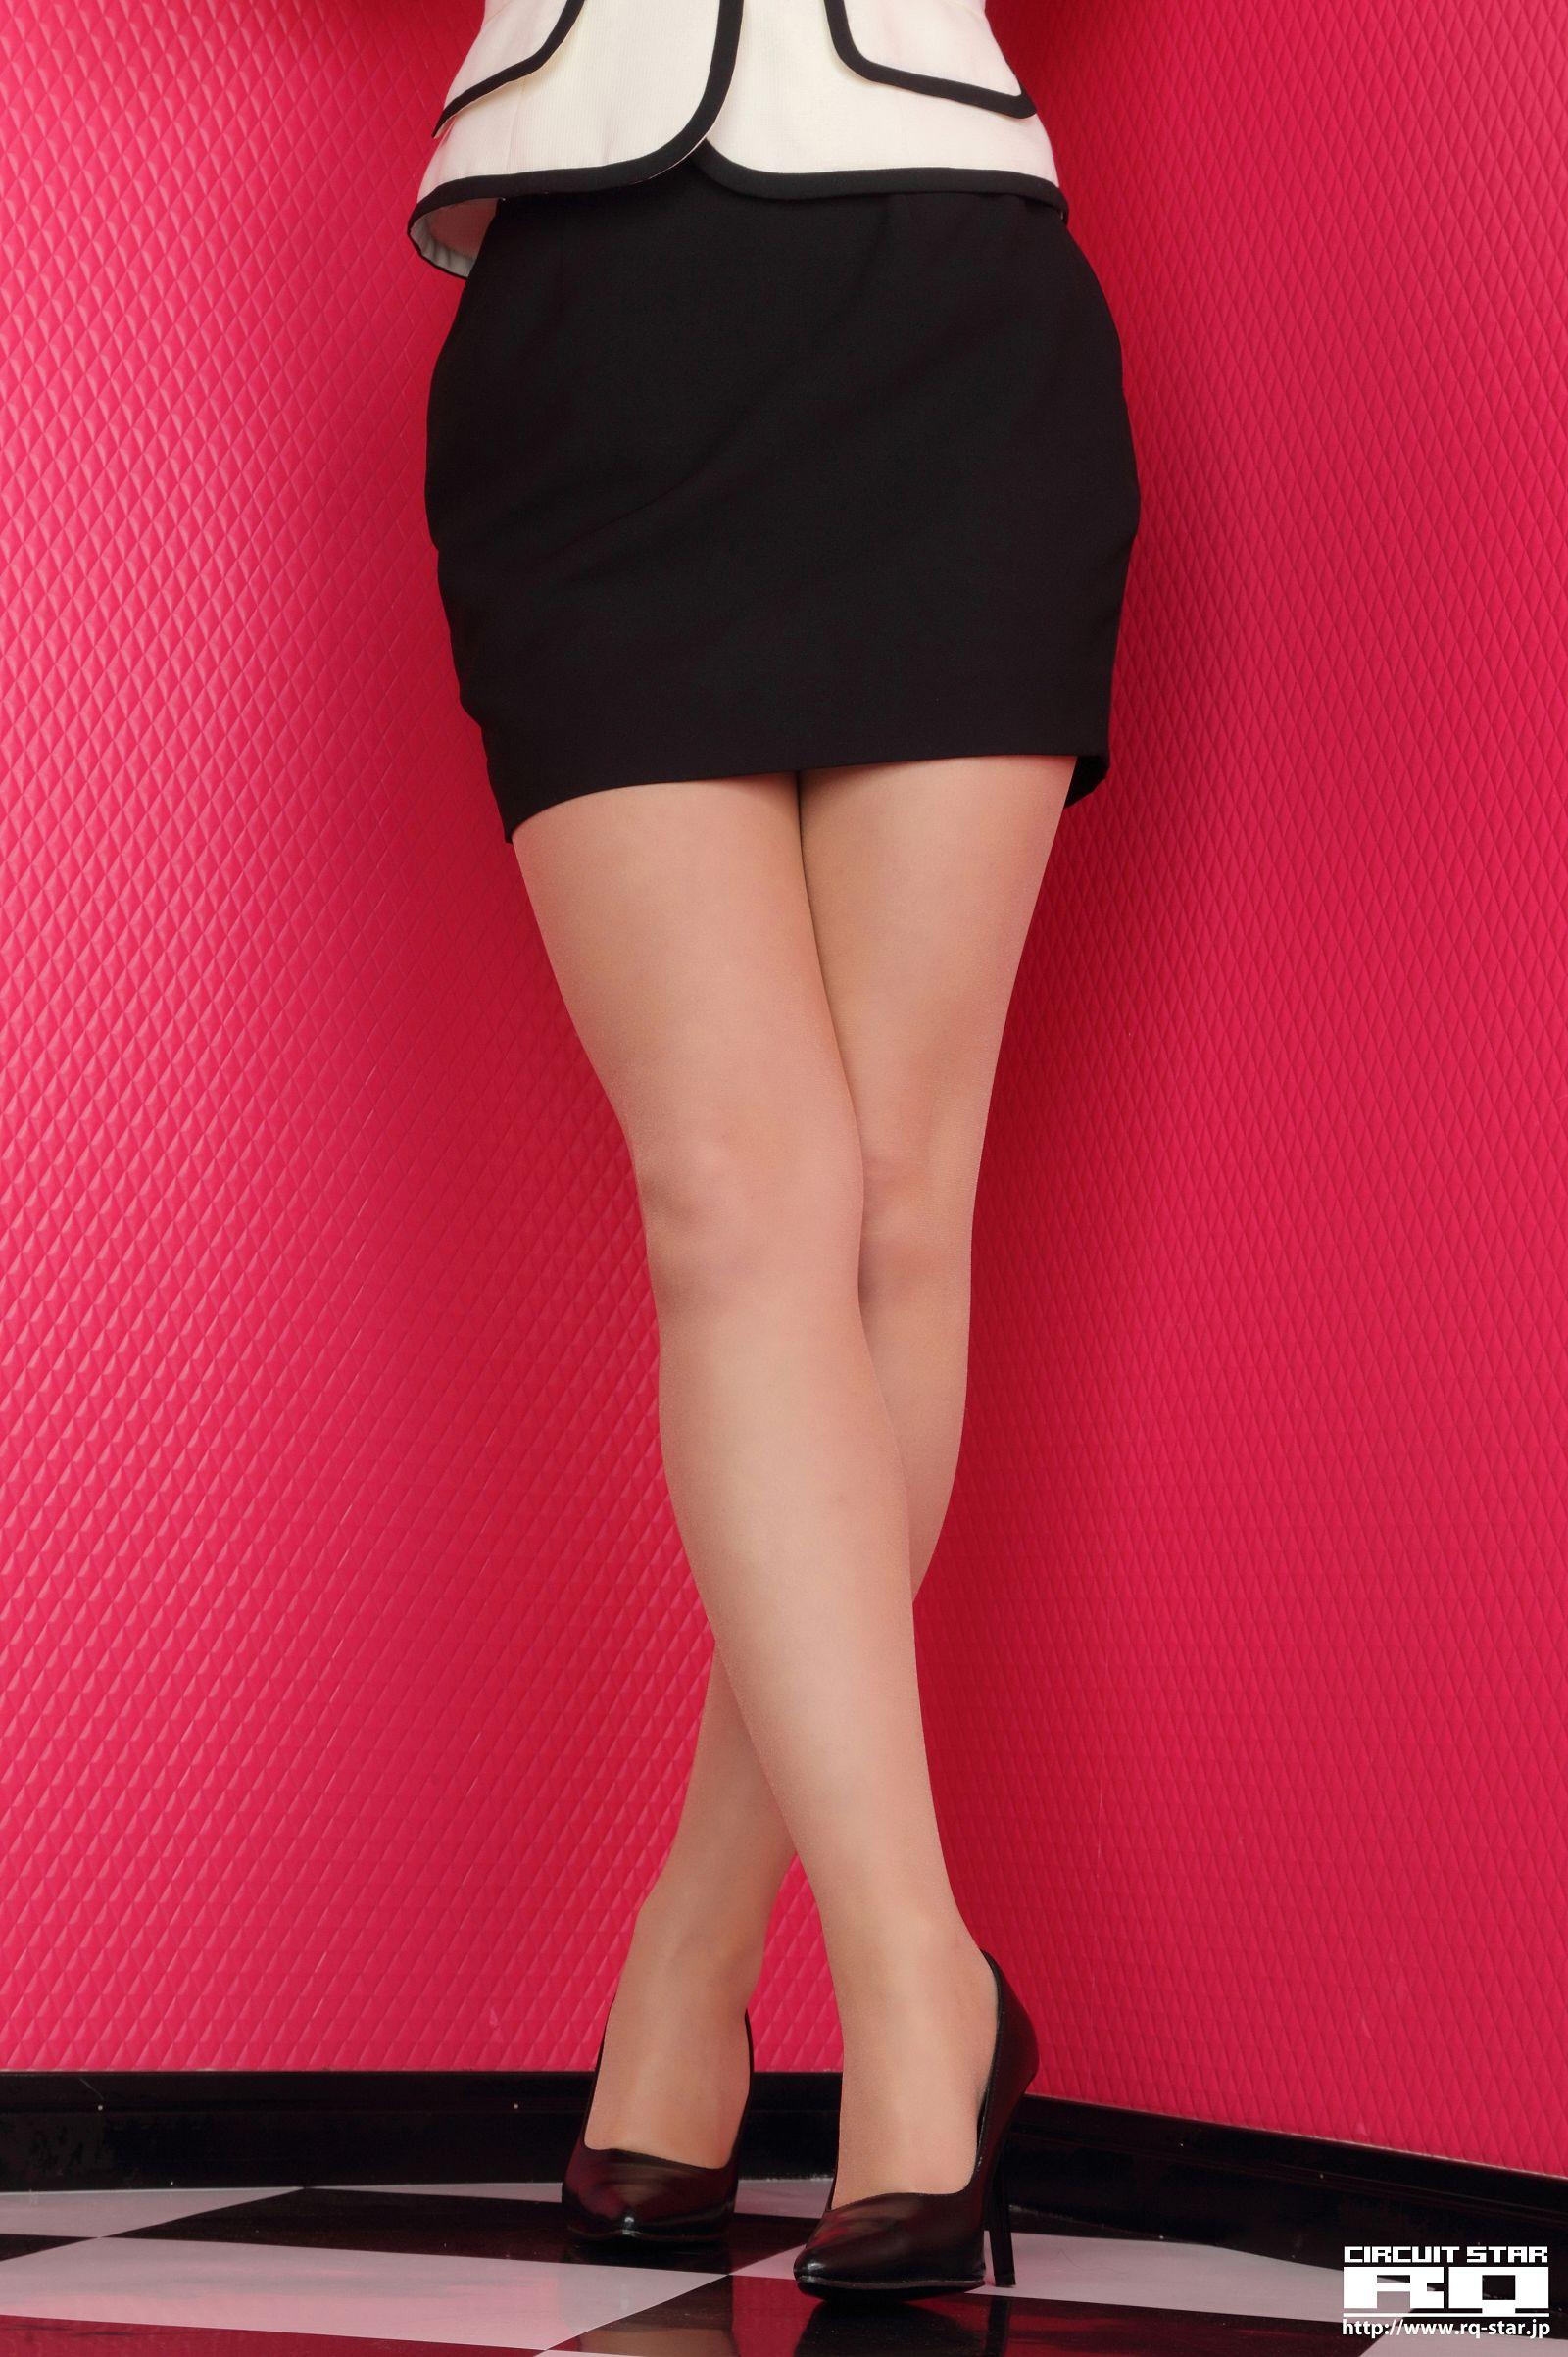 [RQ STAR美女] NO.00585 Saki Tachibana 立花サキ Office Lady[150P] RQ STAR 第2张